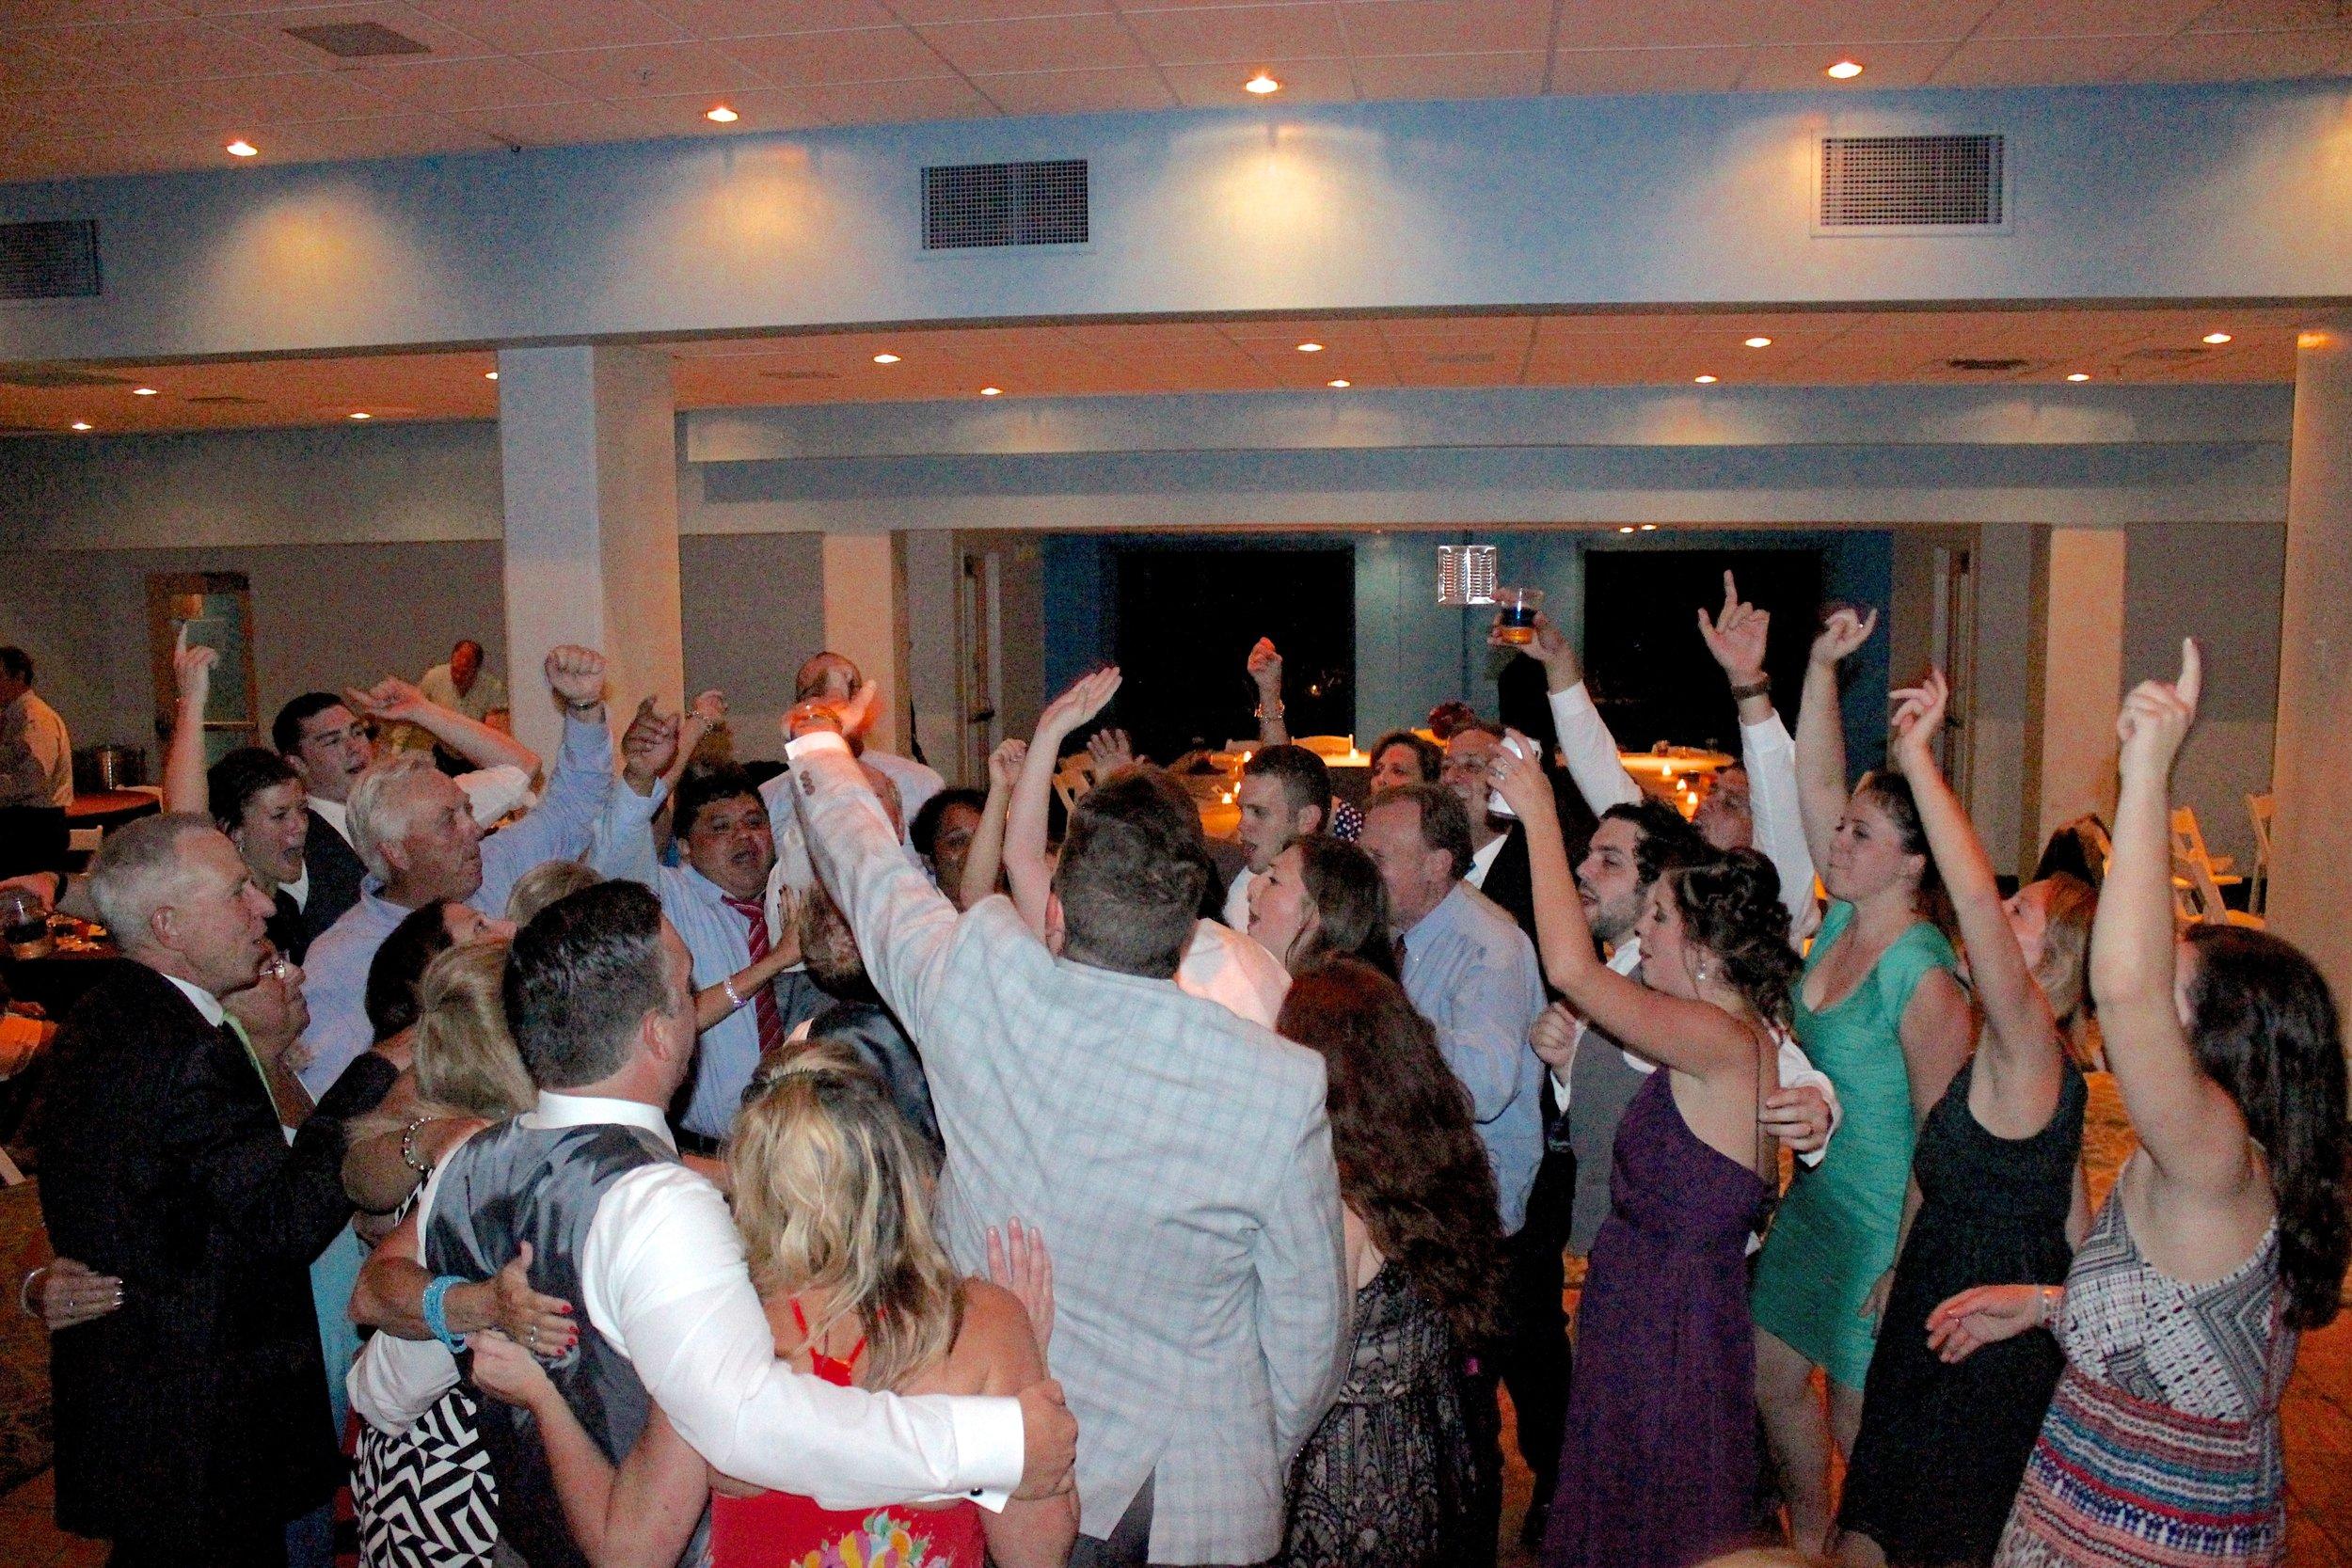 And the dance floor is OPEN!